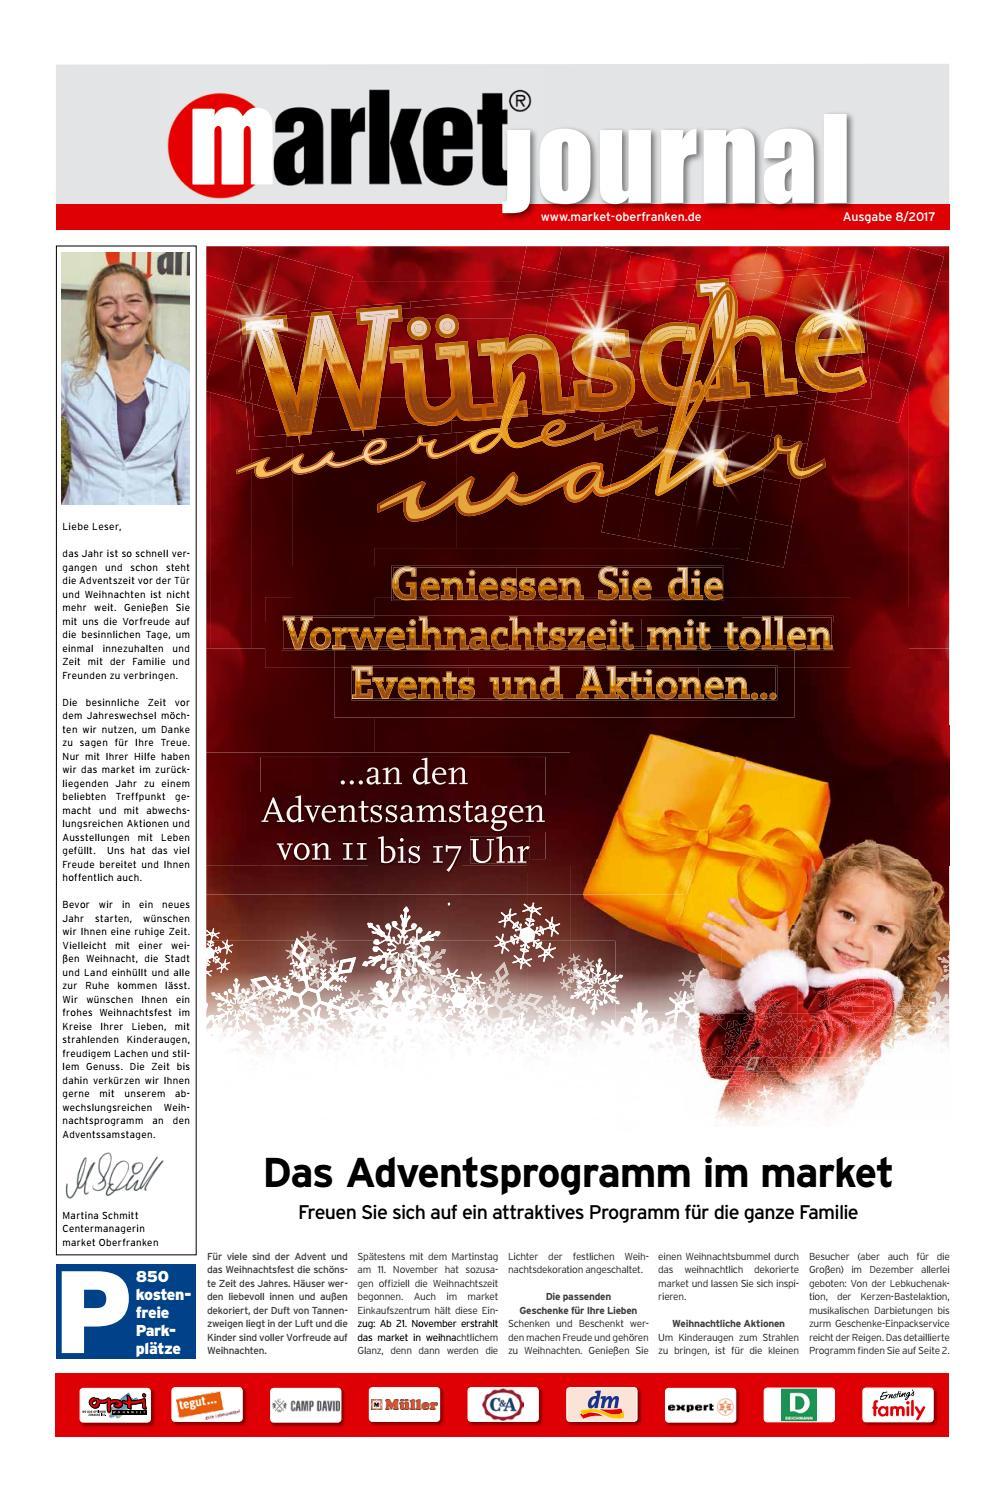 Market Journal - Dezember 2017 by Arno Schimmelpfennig - issuu